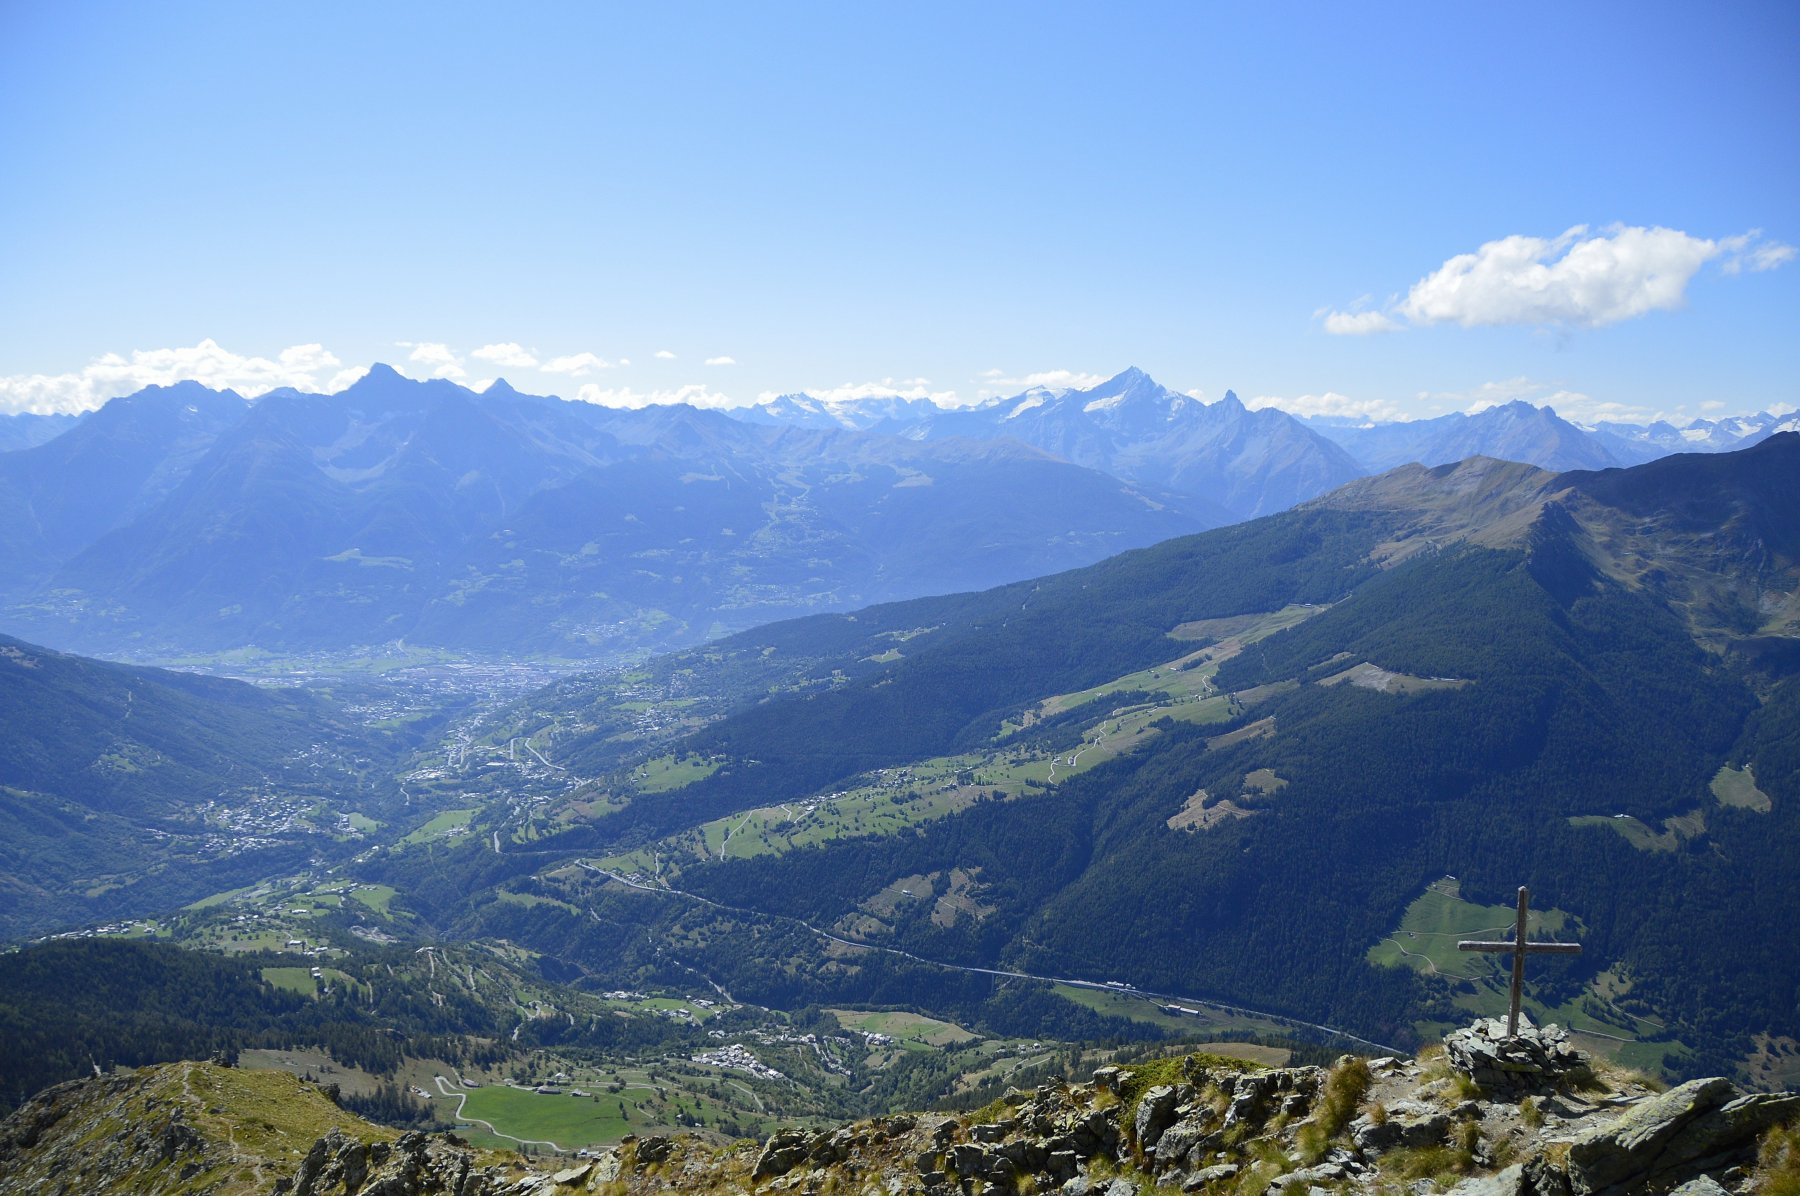 Croce di vetta con Aosta, Emilius e Becca di Nona